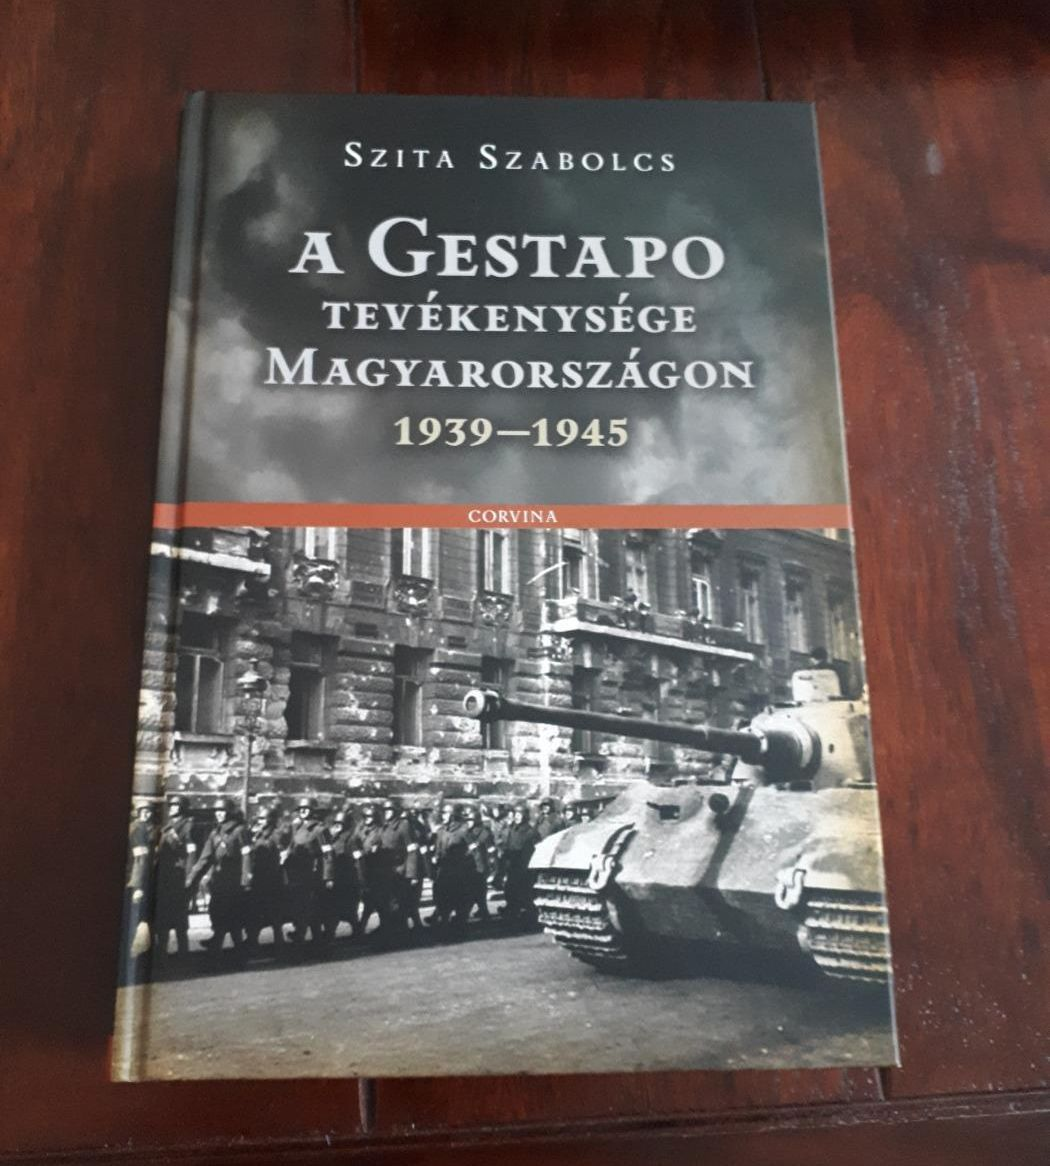 szita-szabolcs-a-gestapo-tevekenysege-magyarorszagon-1939-1945-d94b_1_big_1.jpg